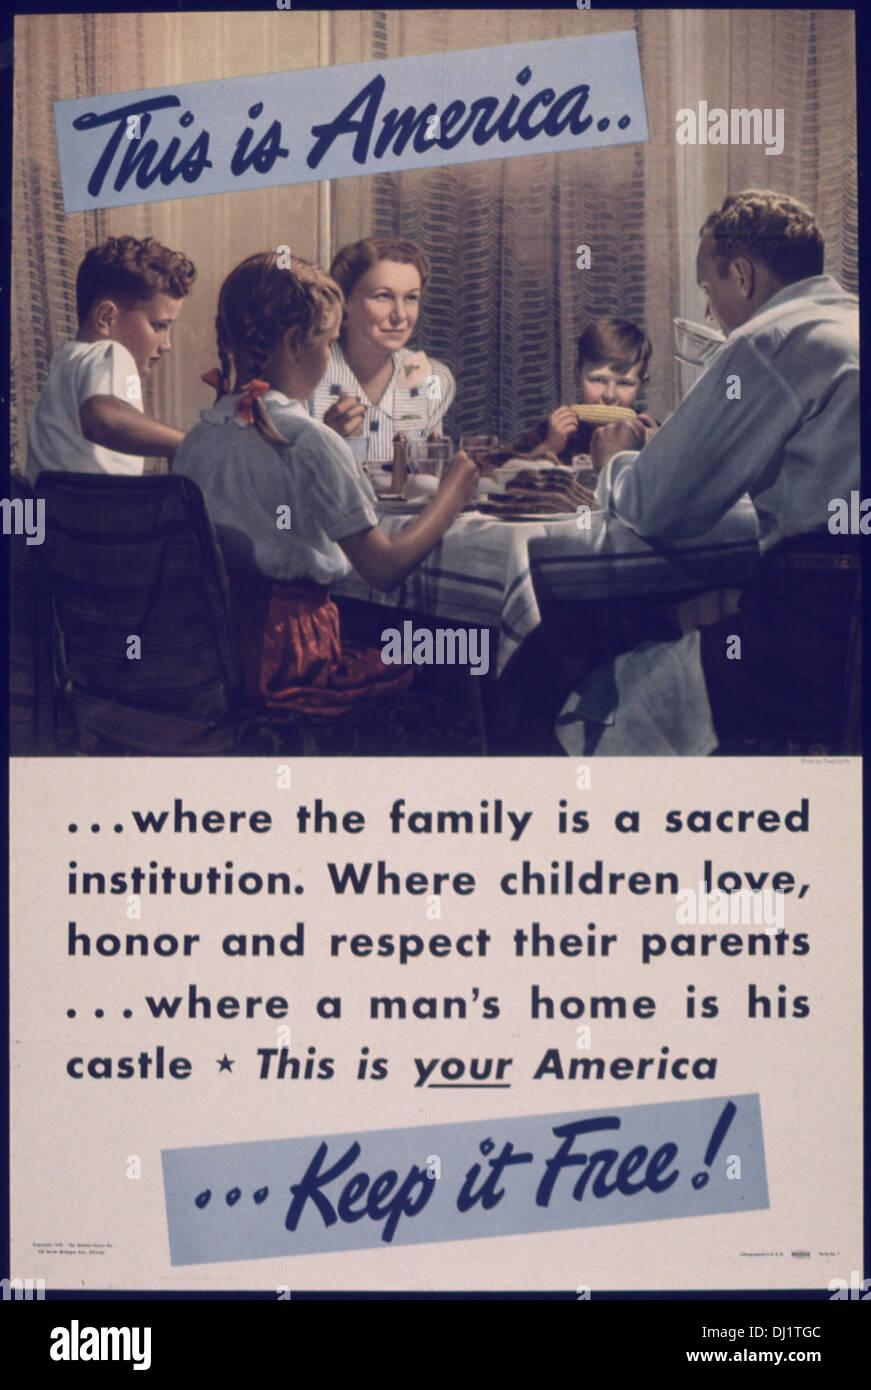 C'est l'Amérique... Où LA FAMILLE EST UNE INSTITUTION SACRÉE 766 Photo Stock